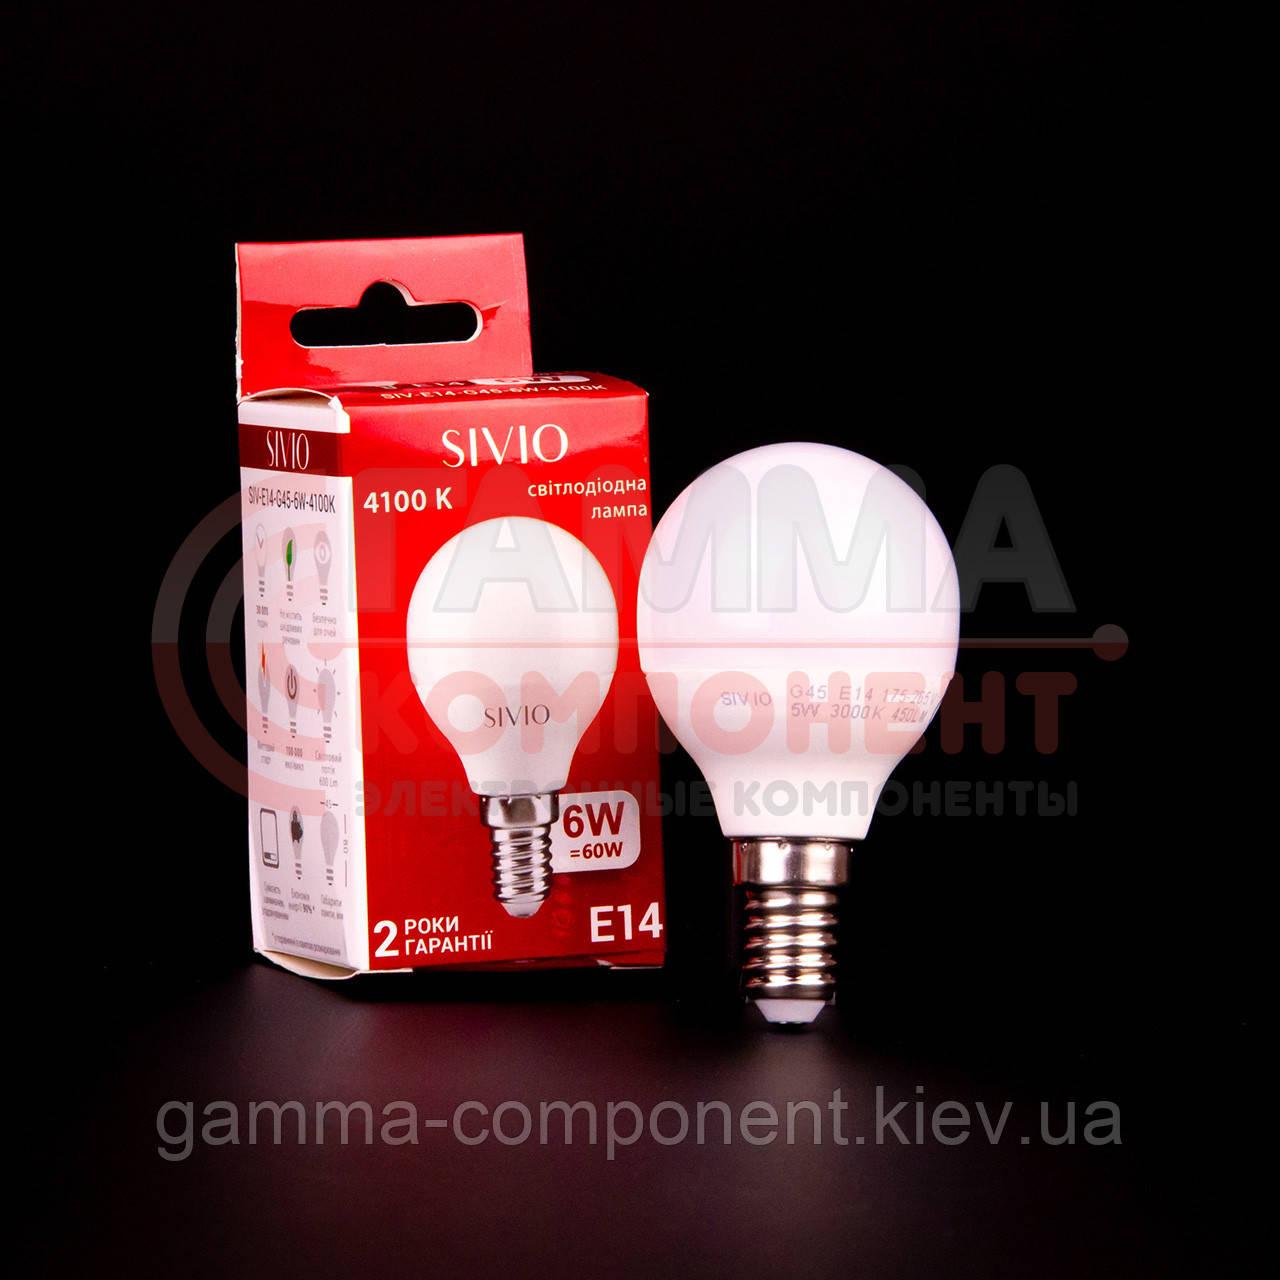 Светодиодная лампа SIVIO G45 6W, E14, 4100K, нейтральный белый